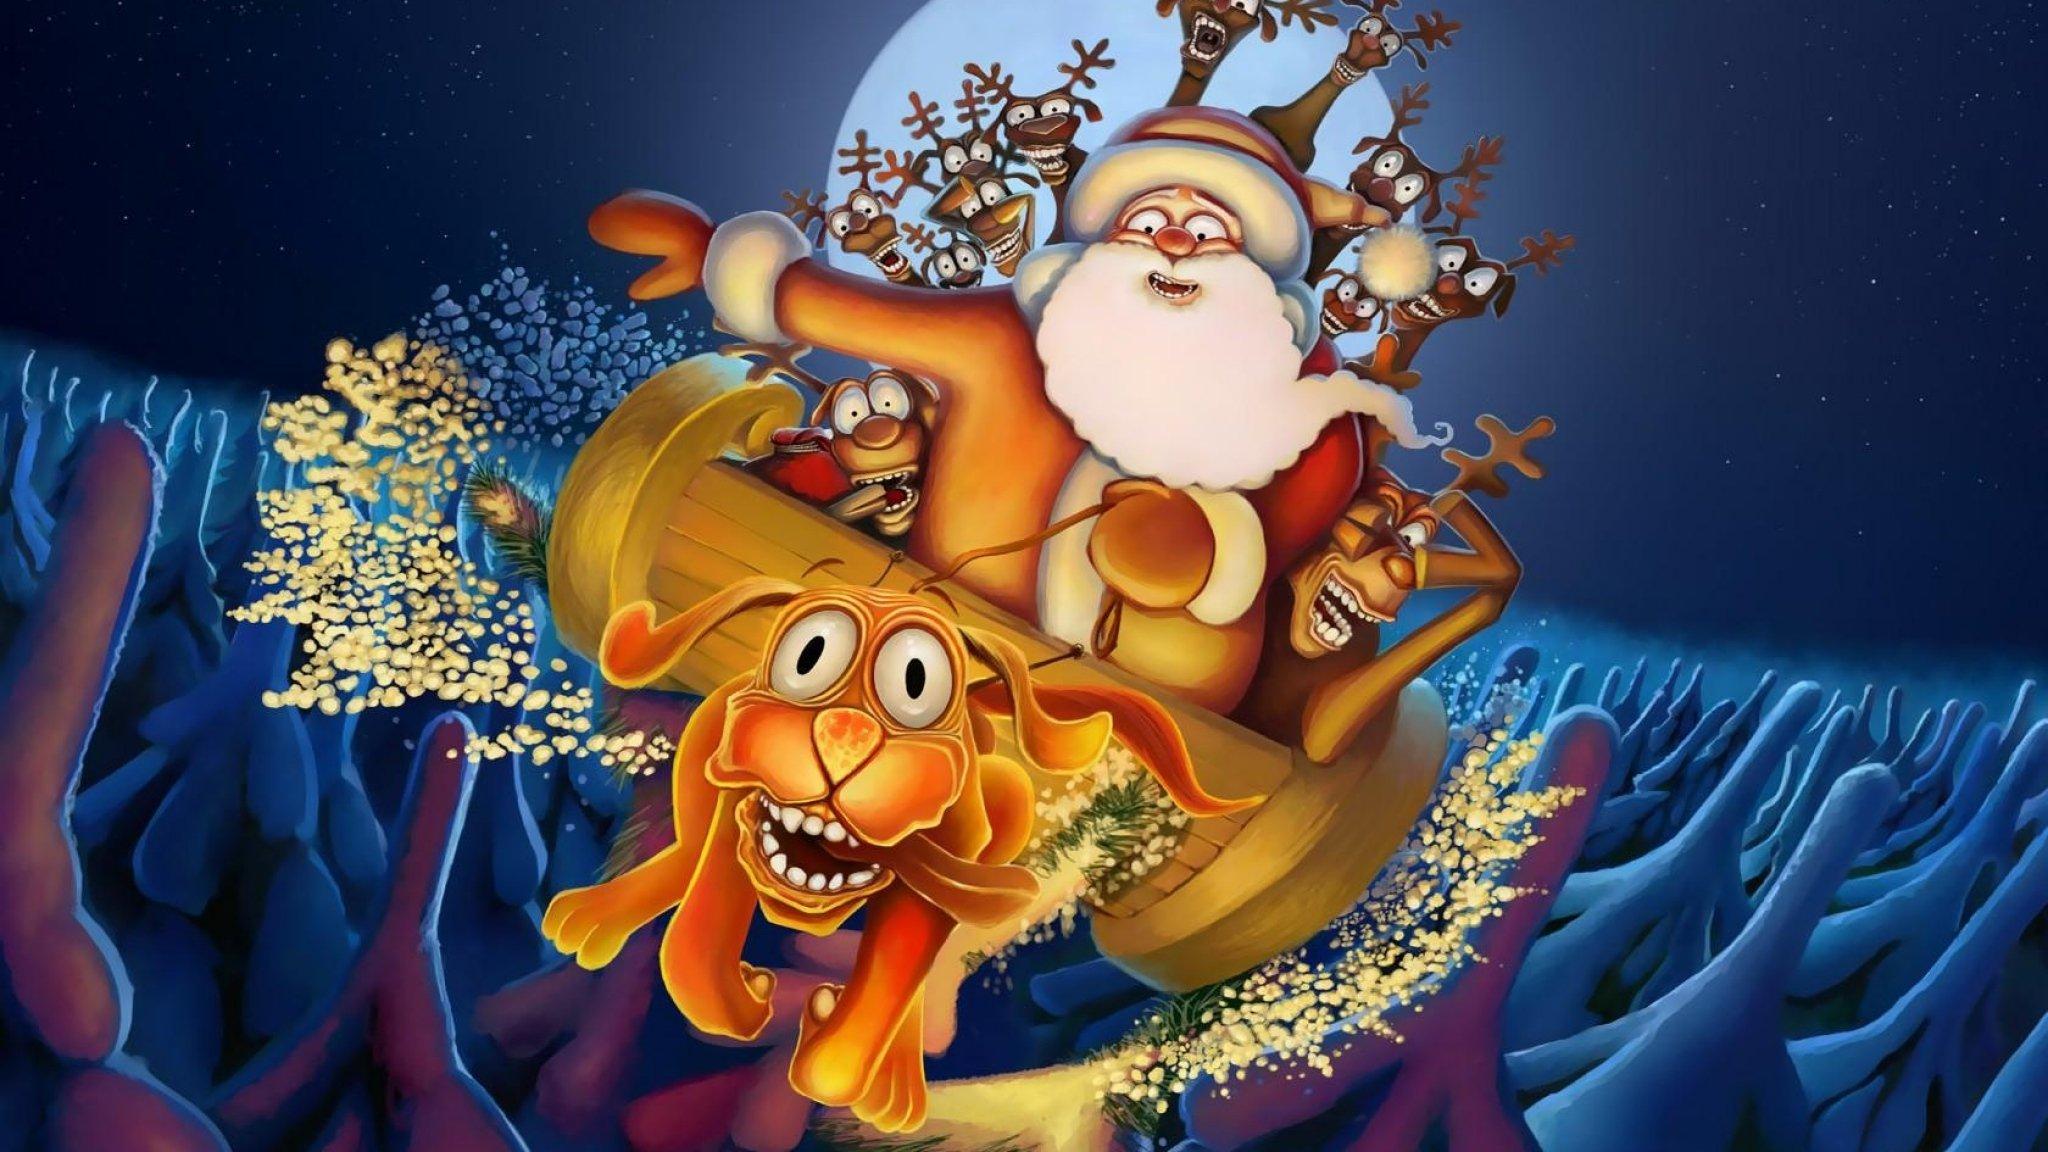 Обои На Телефон Дед Мороз